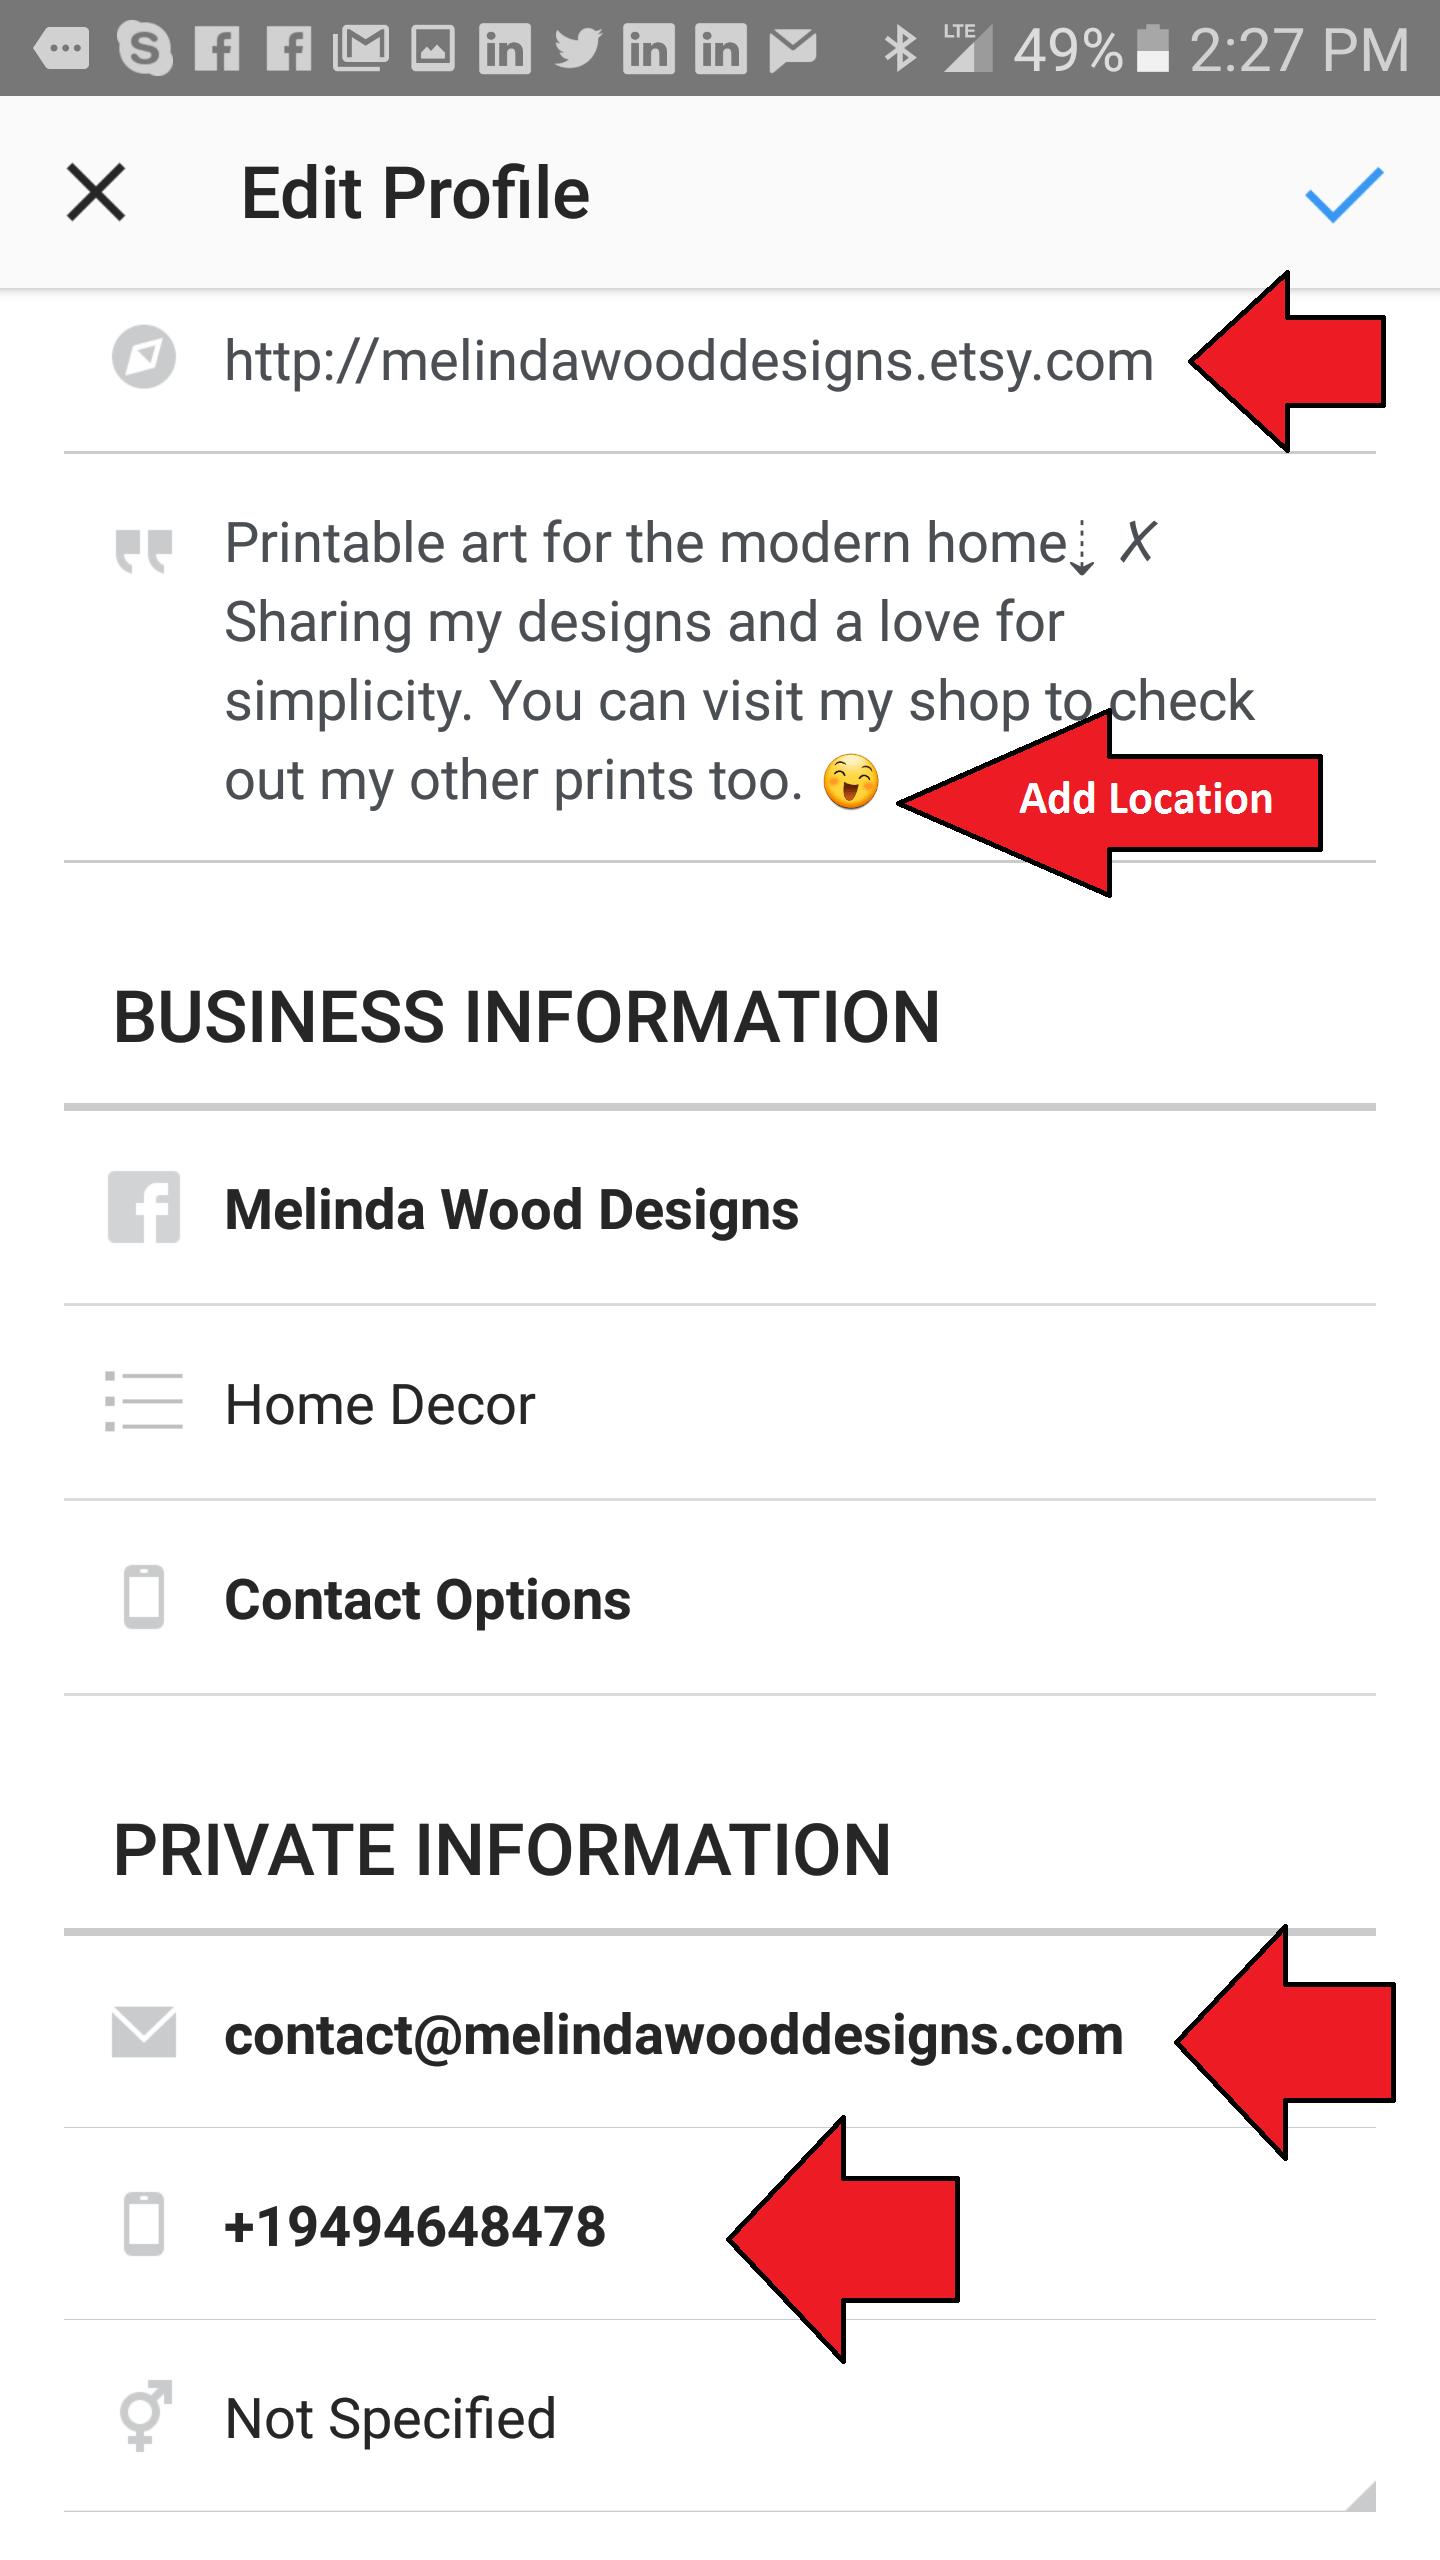 Instagram - Contact Information